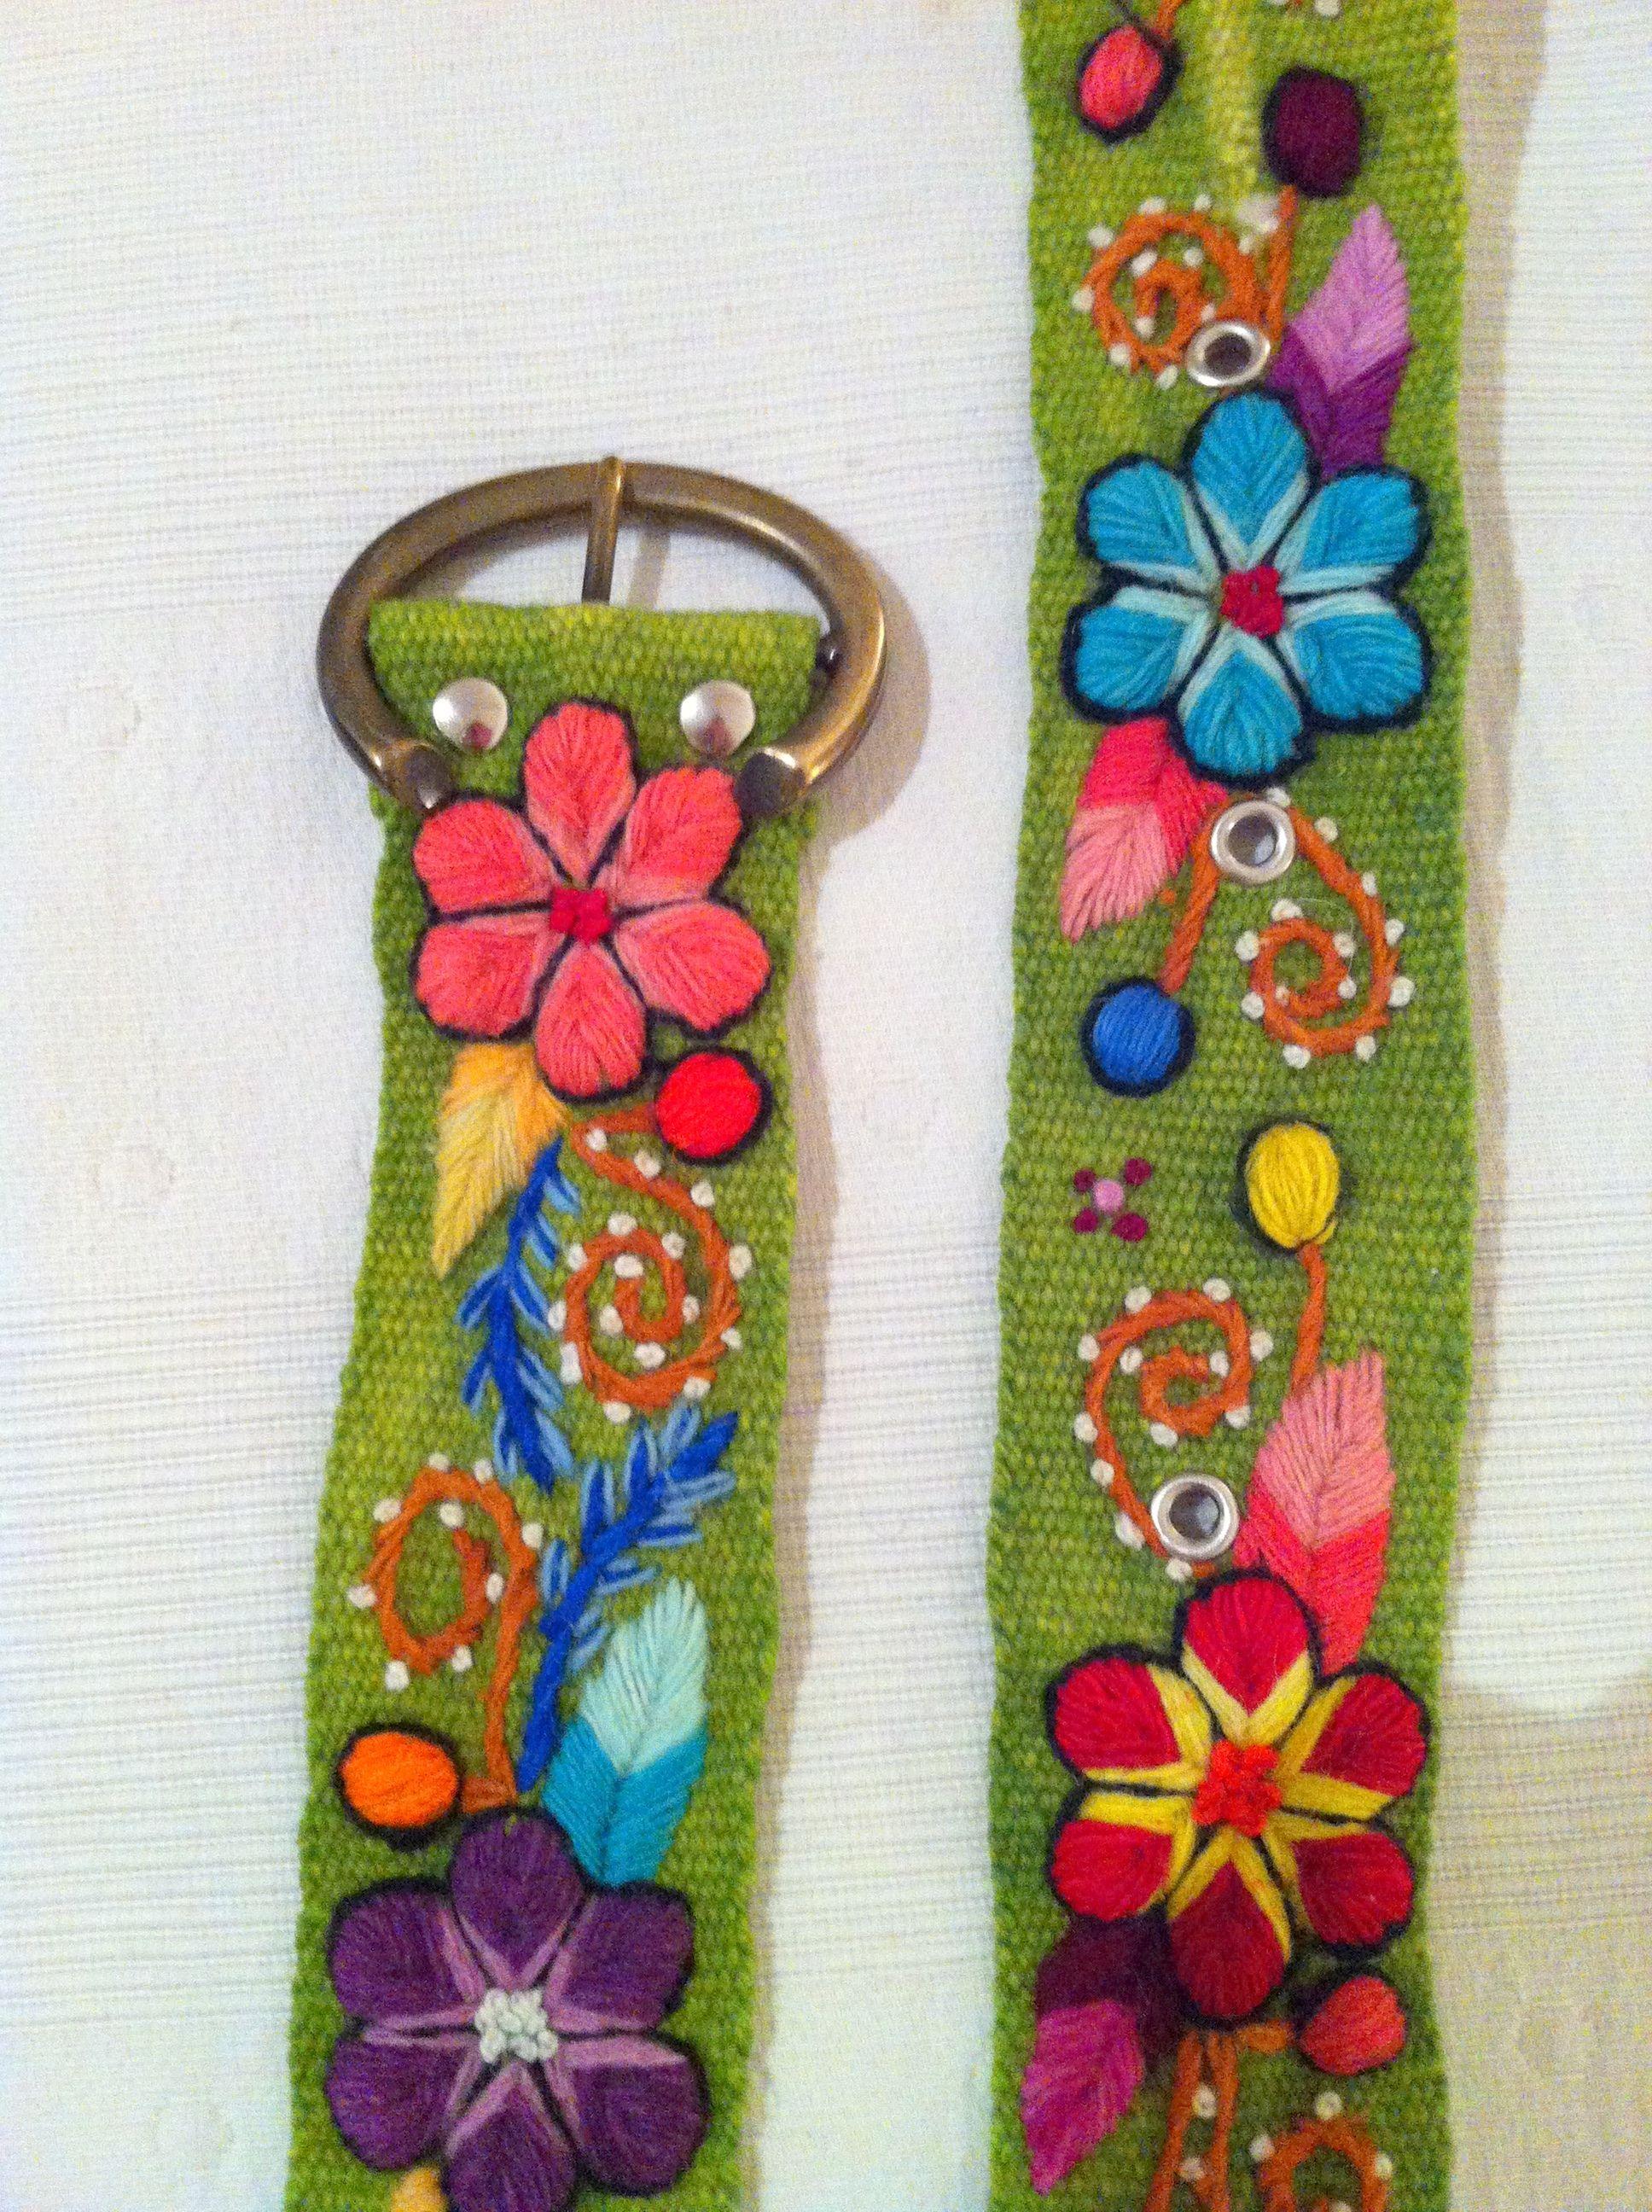 descuento de venta caliente Calidad superior disfruta el precio más bajo cinturon peruano. | embroidery designs | Cinturones bordados ...